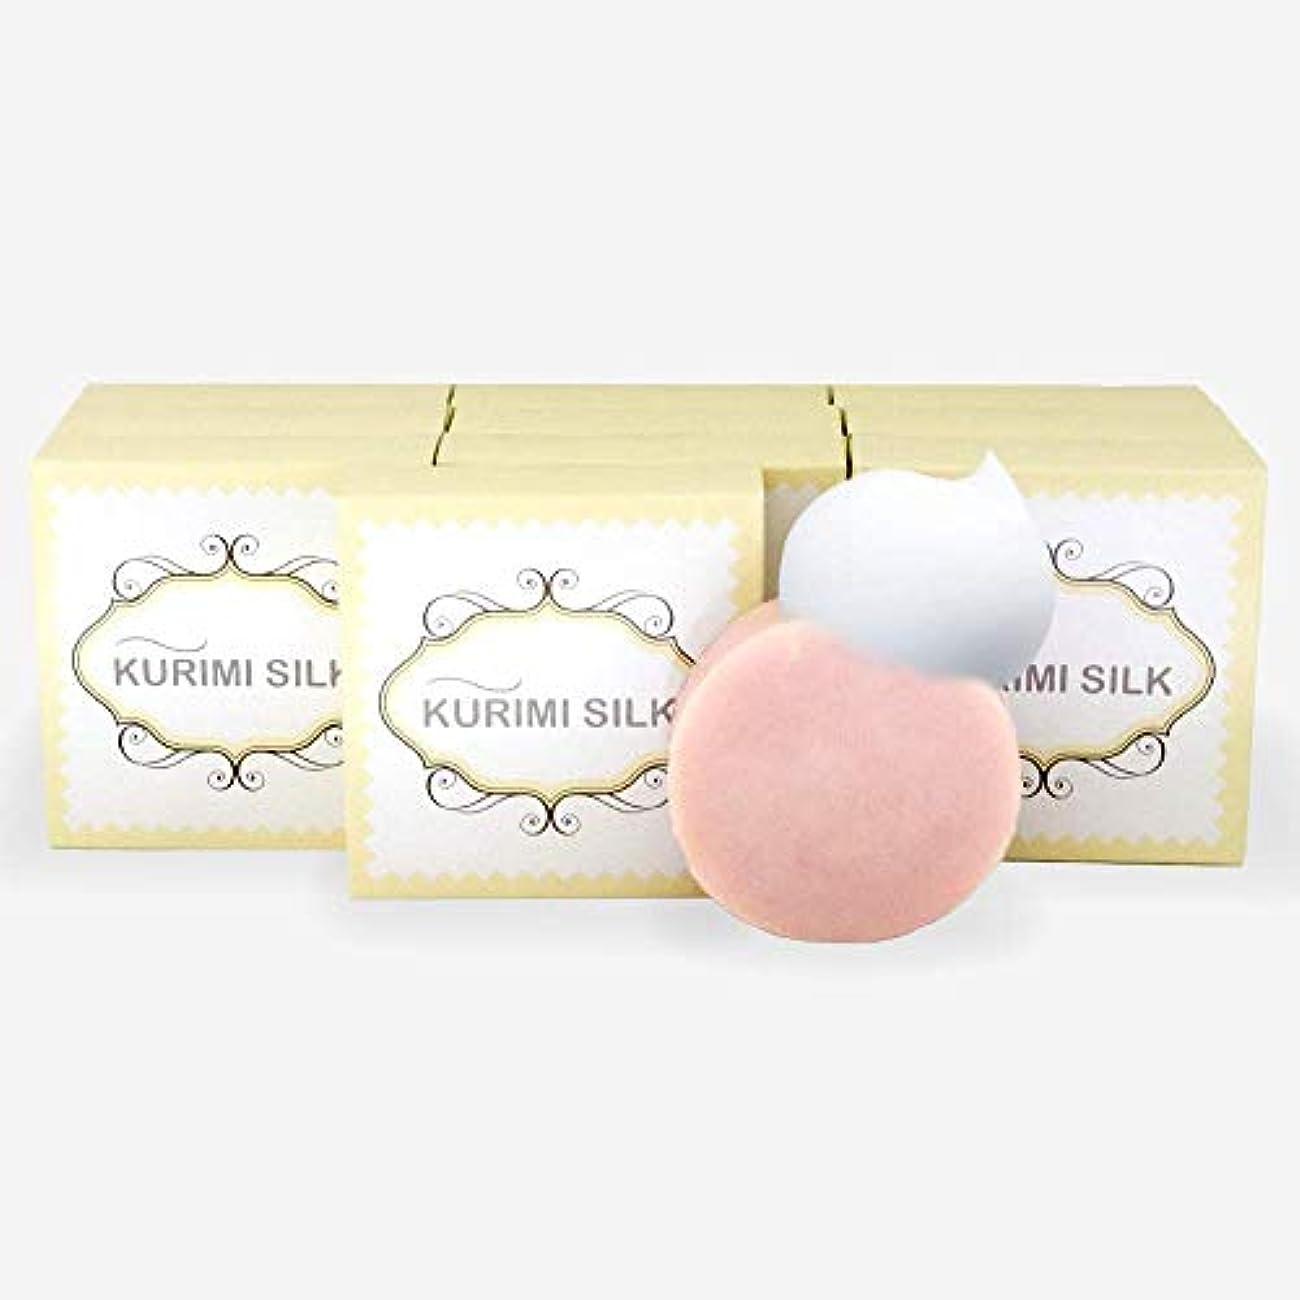 大胆なロデオイノセンスヒップ 背中 ニキビ 角質 美白 保湿 体臭 ケア KURIMI SILK [ クリミシルク ] デオドラント 高級化粧石鹸/枠練り石鹸 80g(10個)